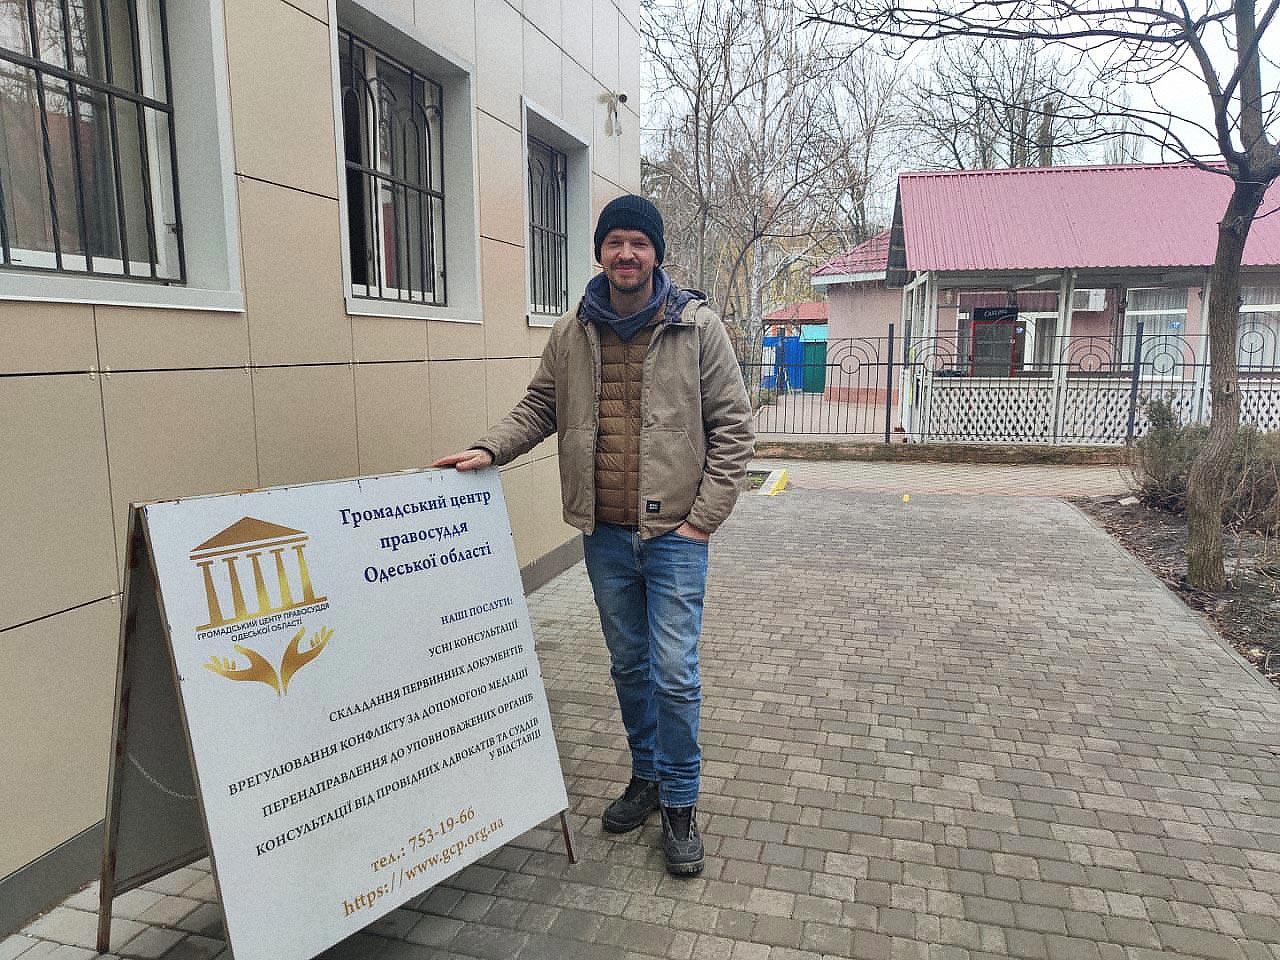 nikiforov in odesa - <b>Евгения Никифорова выпустили под ночной домашний арест.</b> Его пытались избить и ограбить, а теперь шьют дело - Заборона